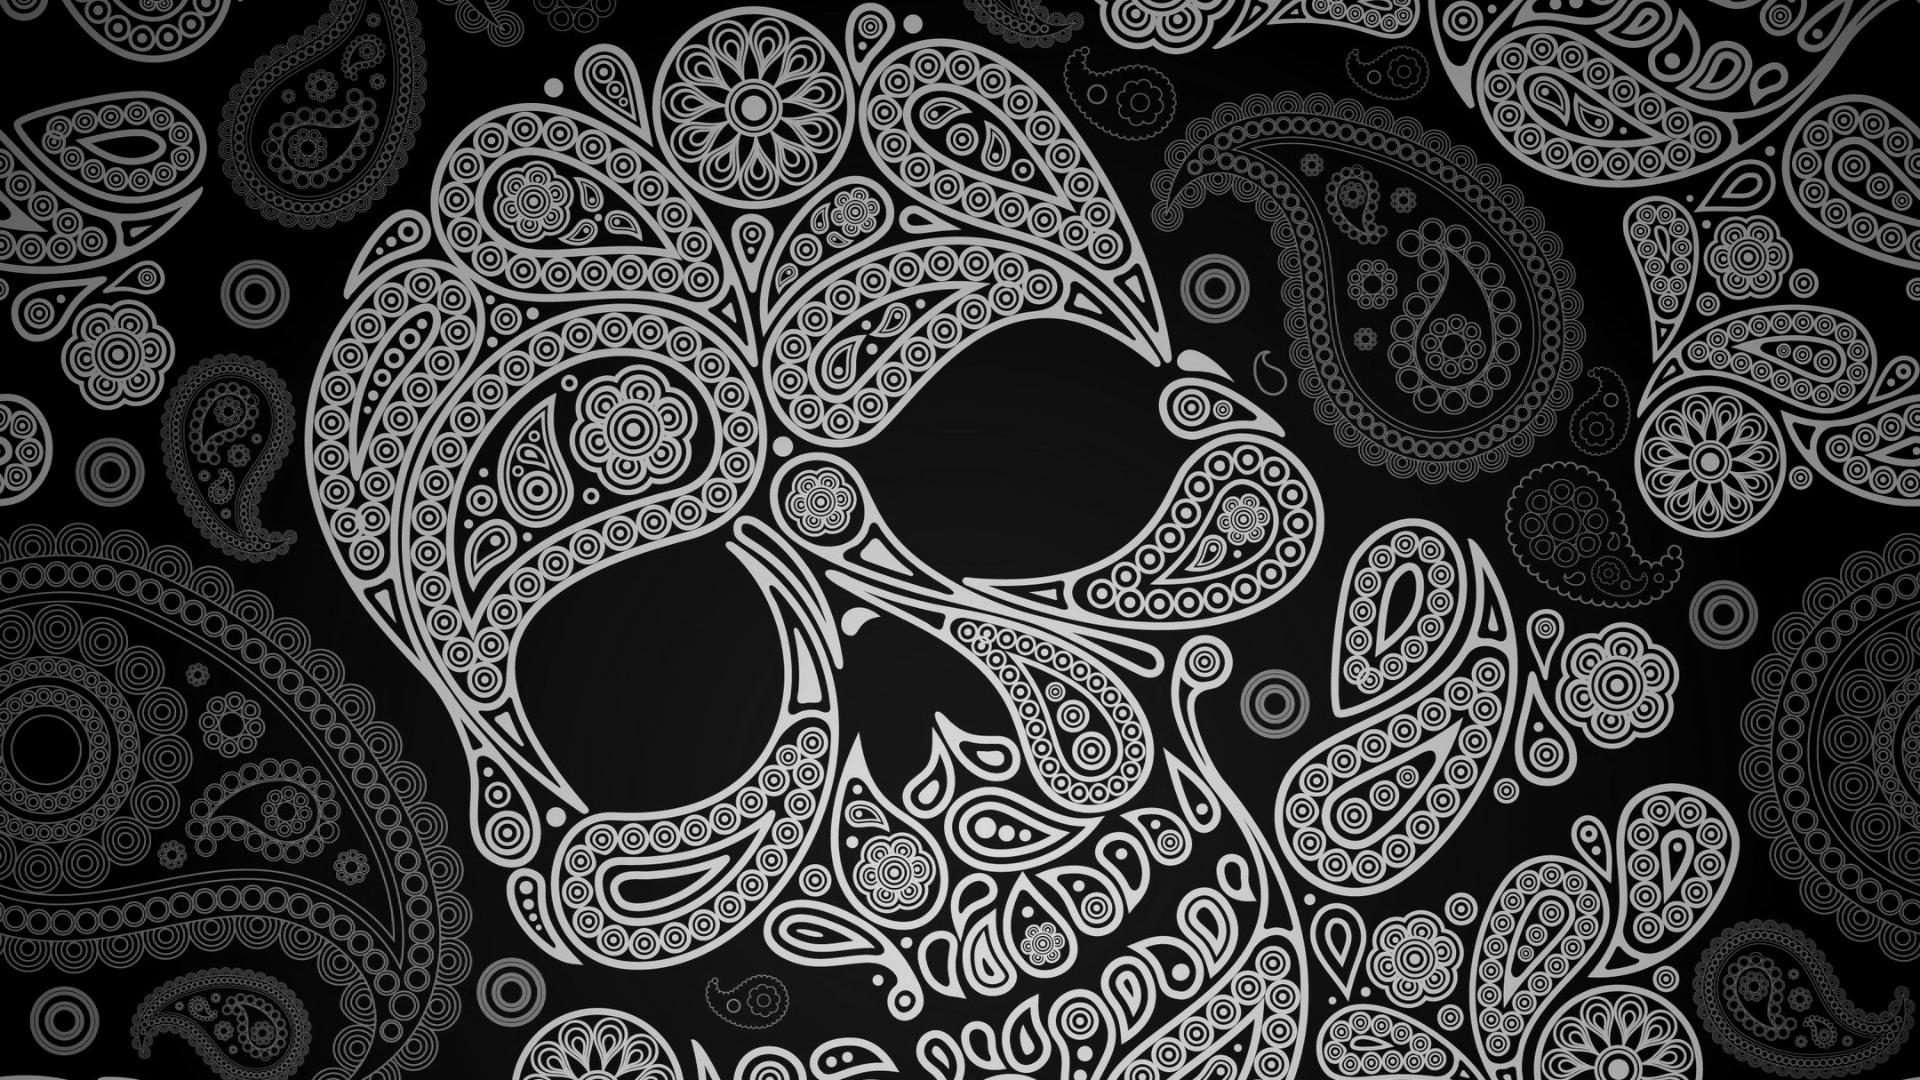 pics of sugar skulls sugar skull wallpapers top free sugar skull backgrounds pics sugar skulls of